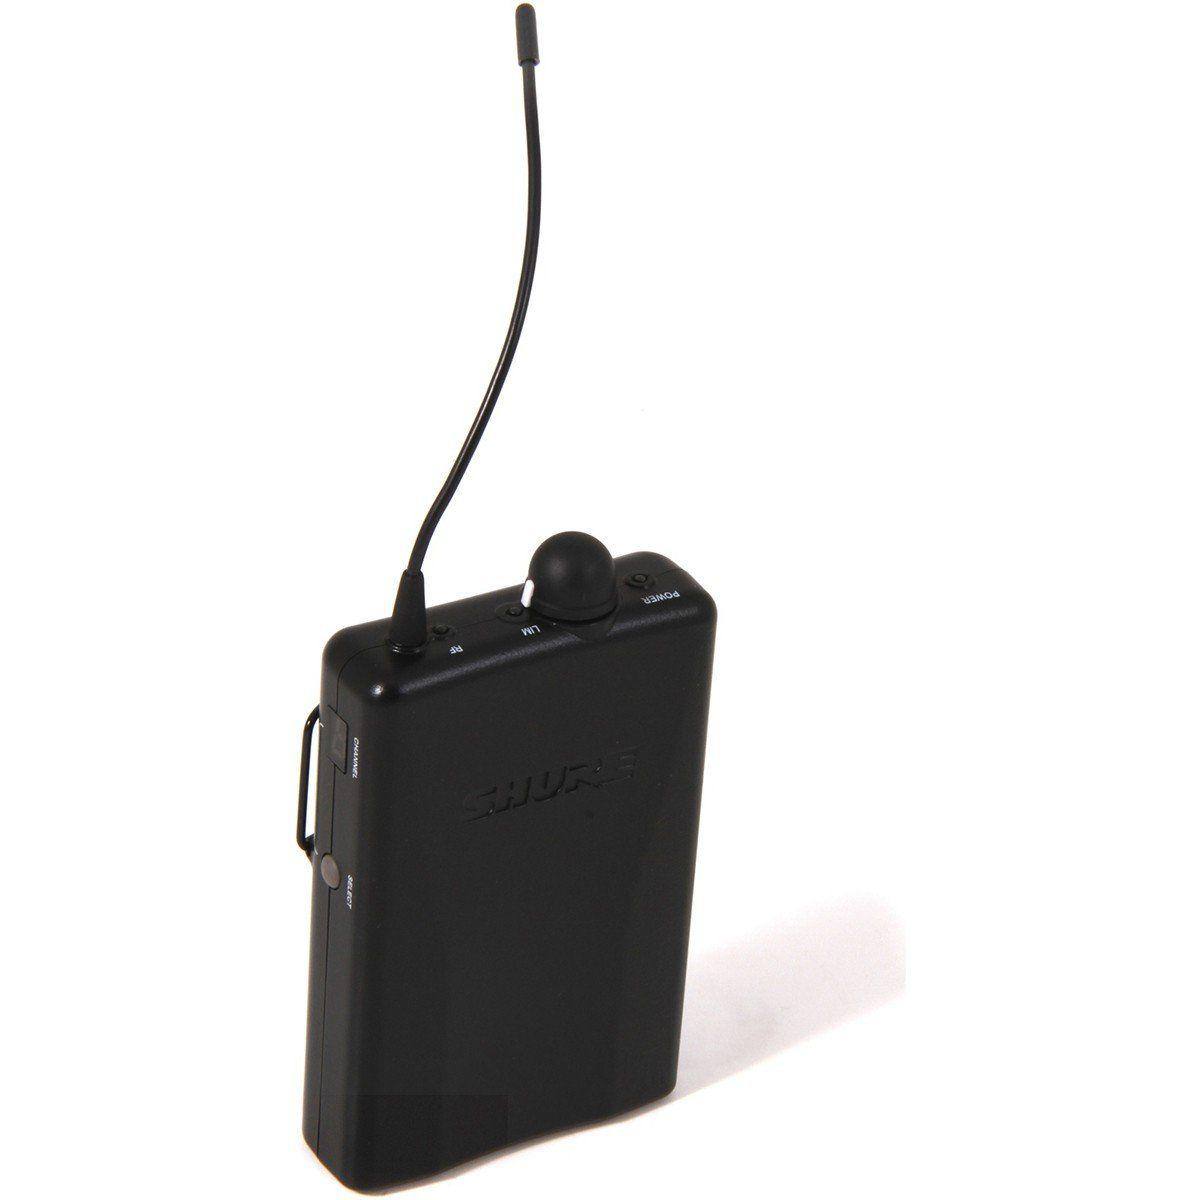 Shure PSM200 Sistema Monitoramento Sem Fio para Palco e Apresentações